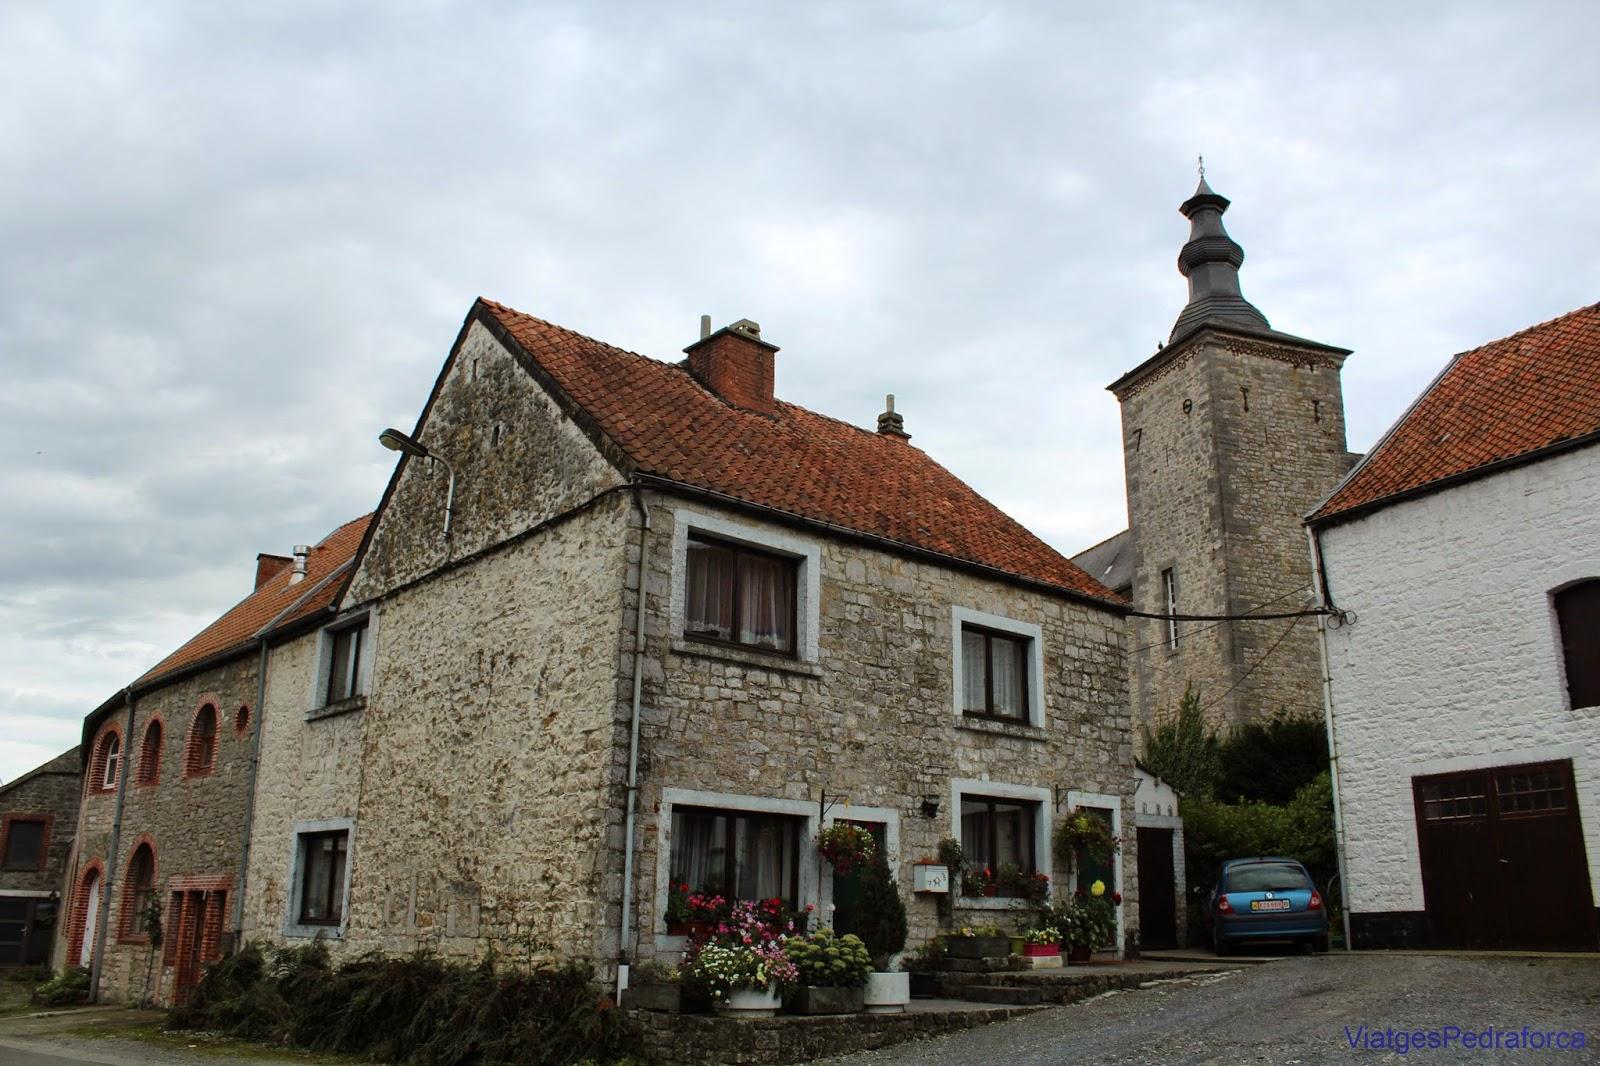 Chateau Falaën Valonia Belgica